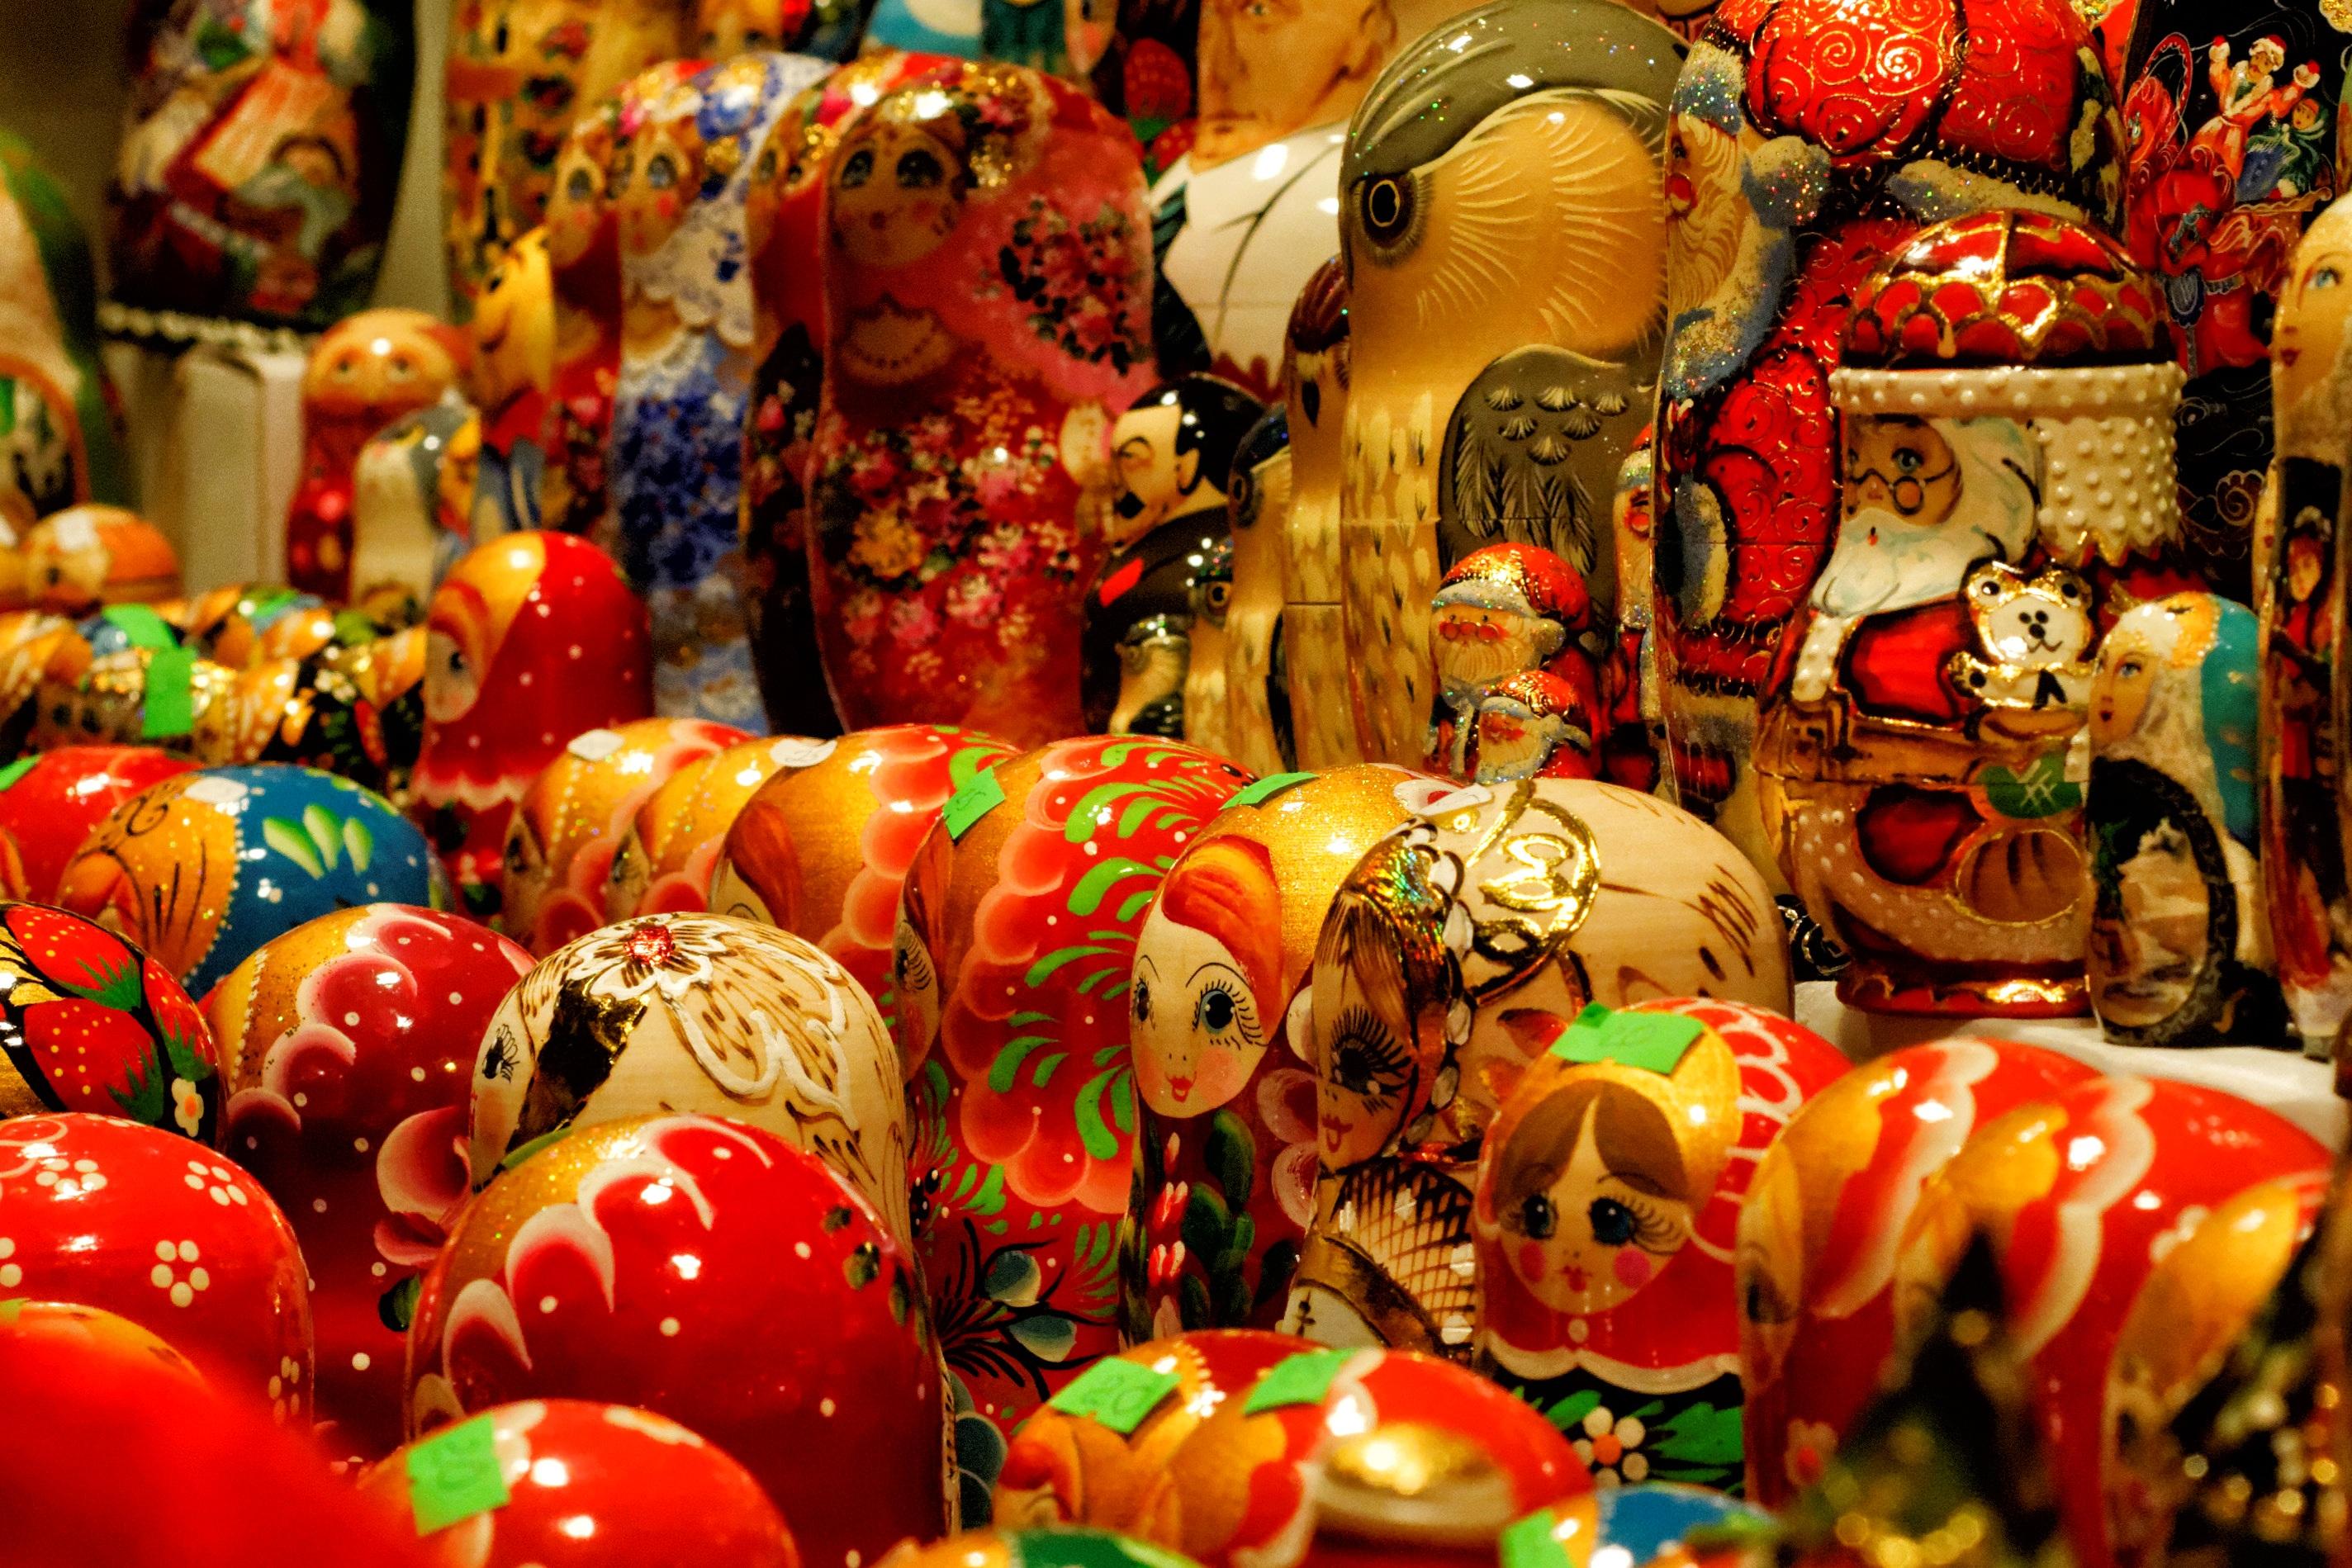 hình ảnh : Gỗ, Thành phố, món ăn, màu, ngày lễ, Chợ, thị trường, thương trường, bức vẽ, không gian công cộng, lễ hội, Làm tổ, Búp bê Nga, ...